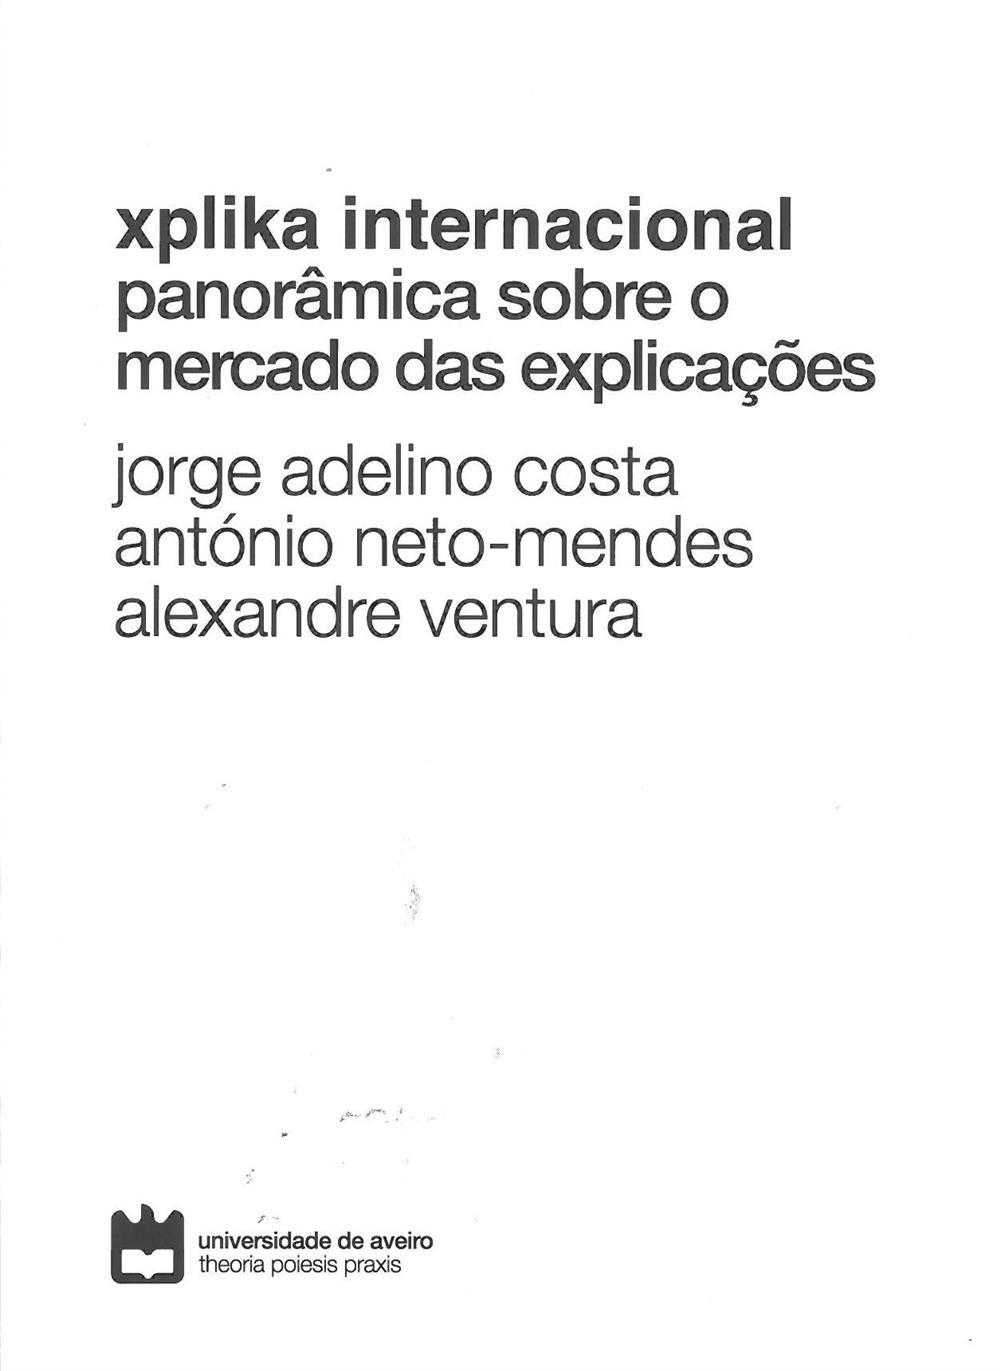 Xplika internacional_.jpg